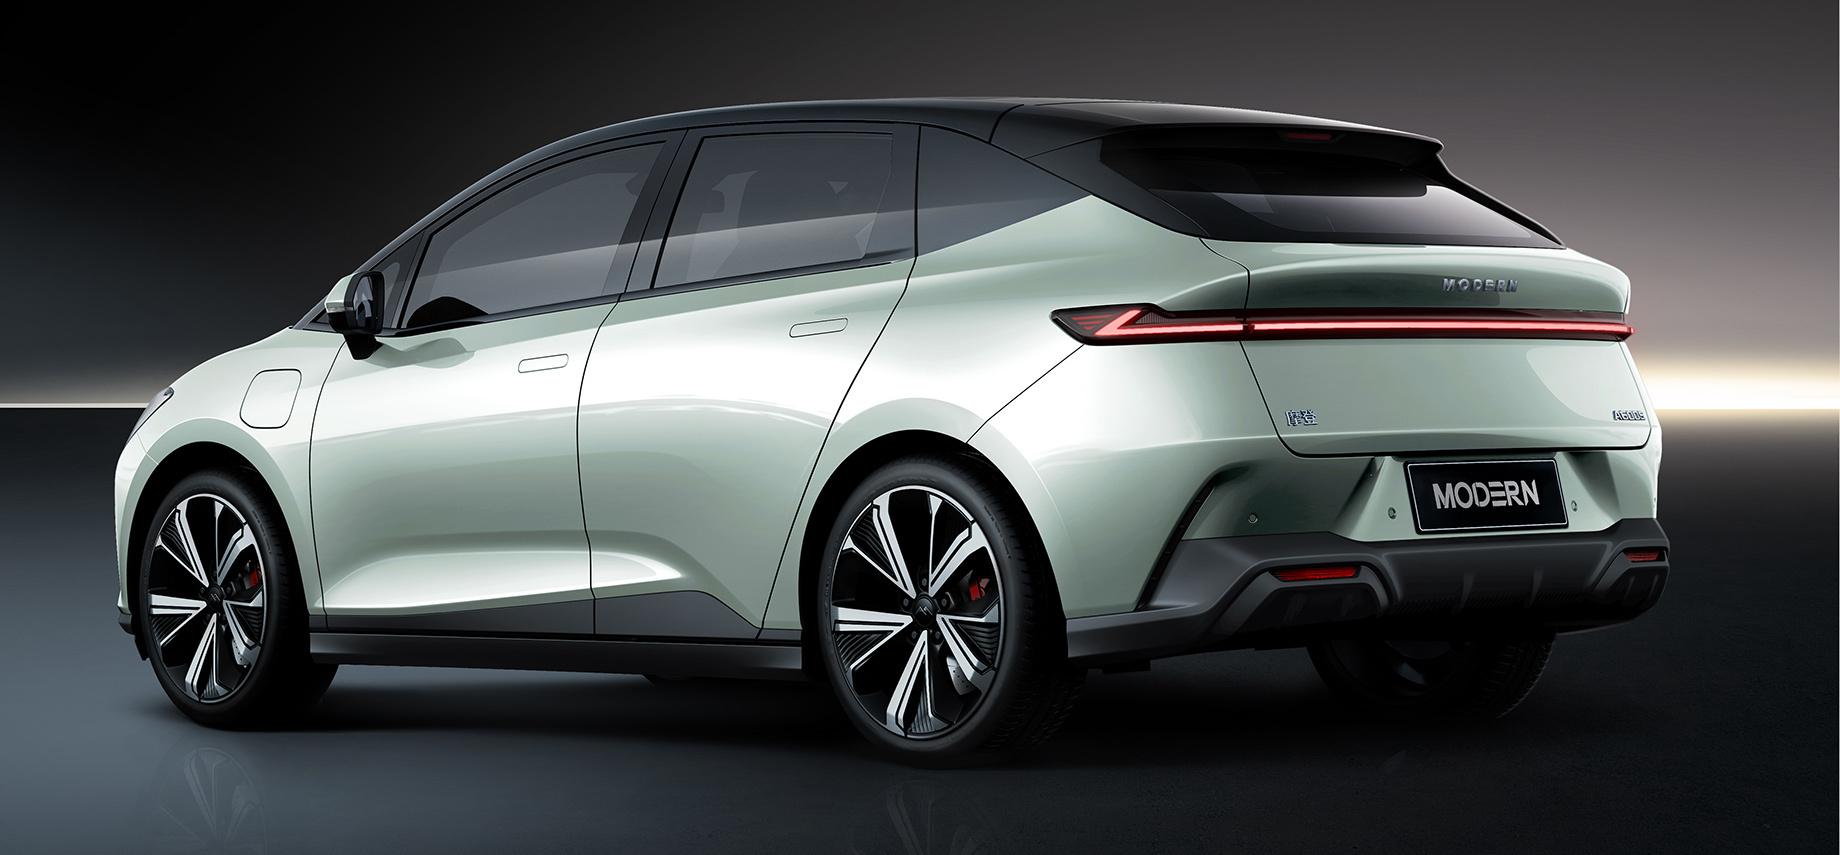 Modern Auto представила свою первую модель — хэтчбек Modern A